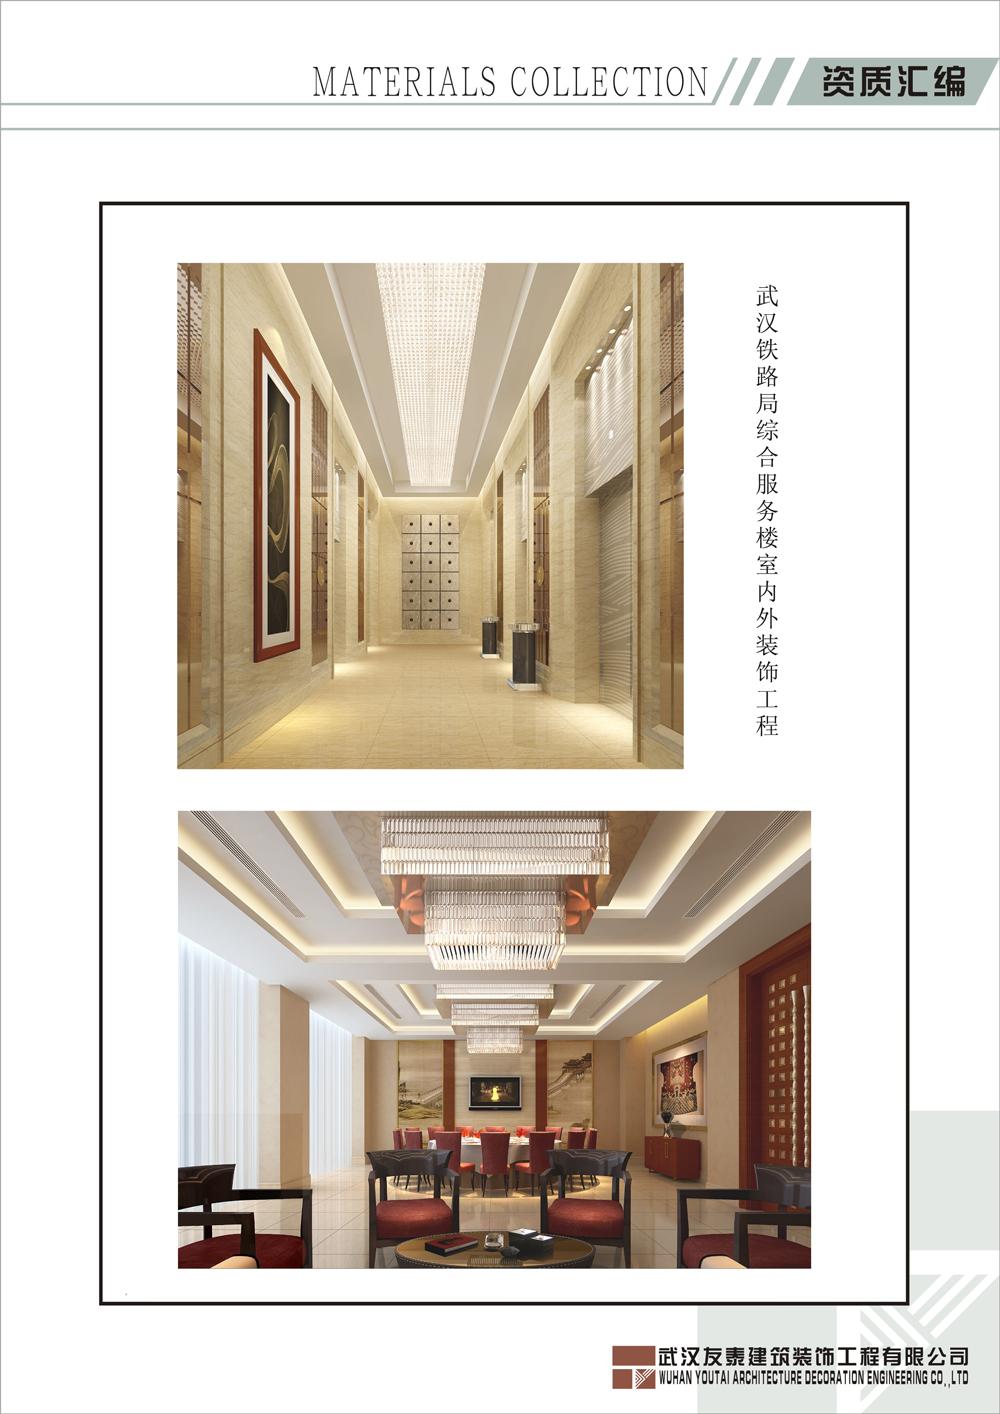 武漢鐵路局綜合服務樓室內外裝飾工程